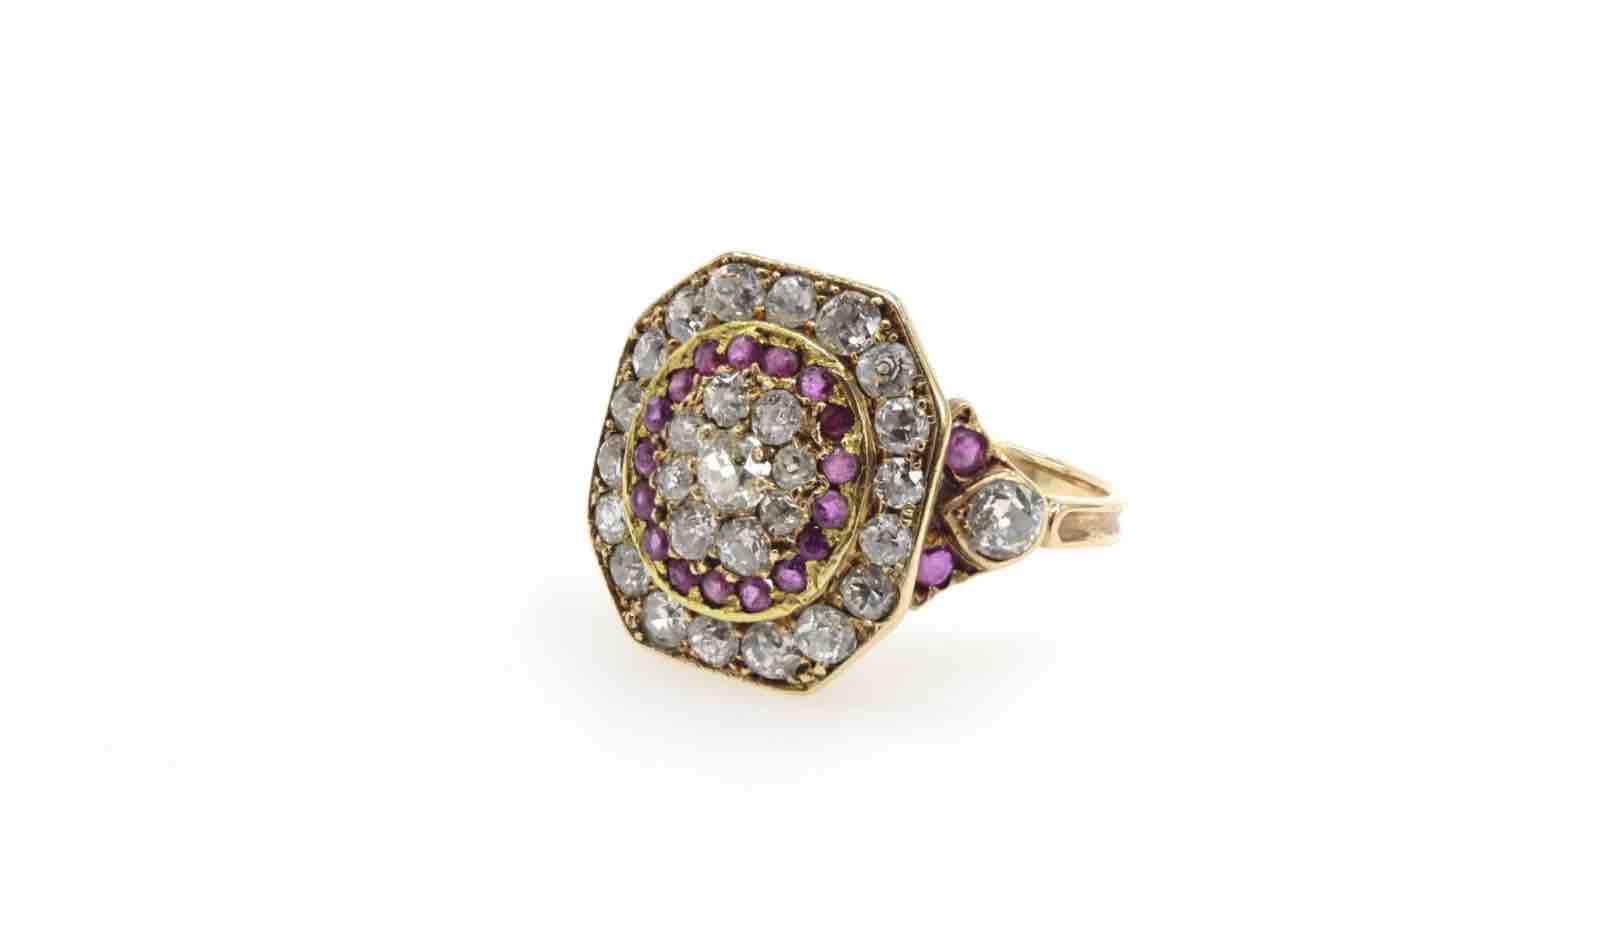 achat bague 19e diamants rubis